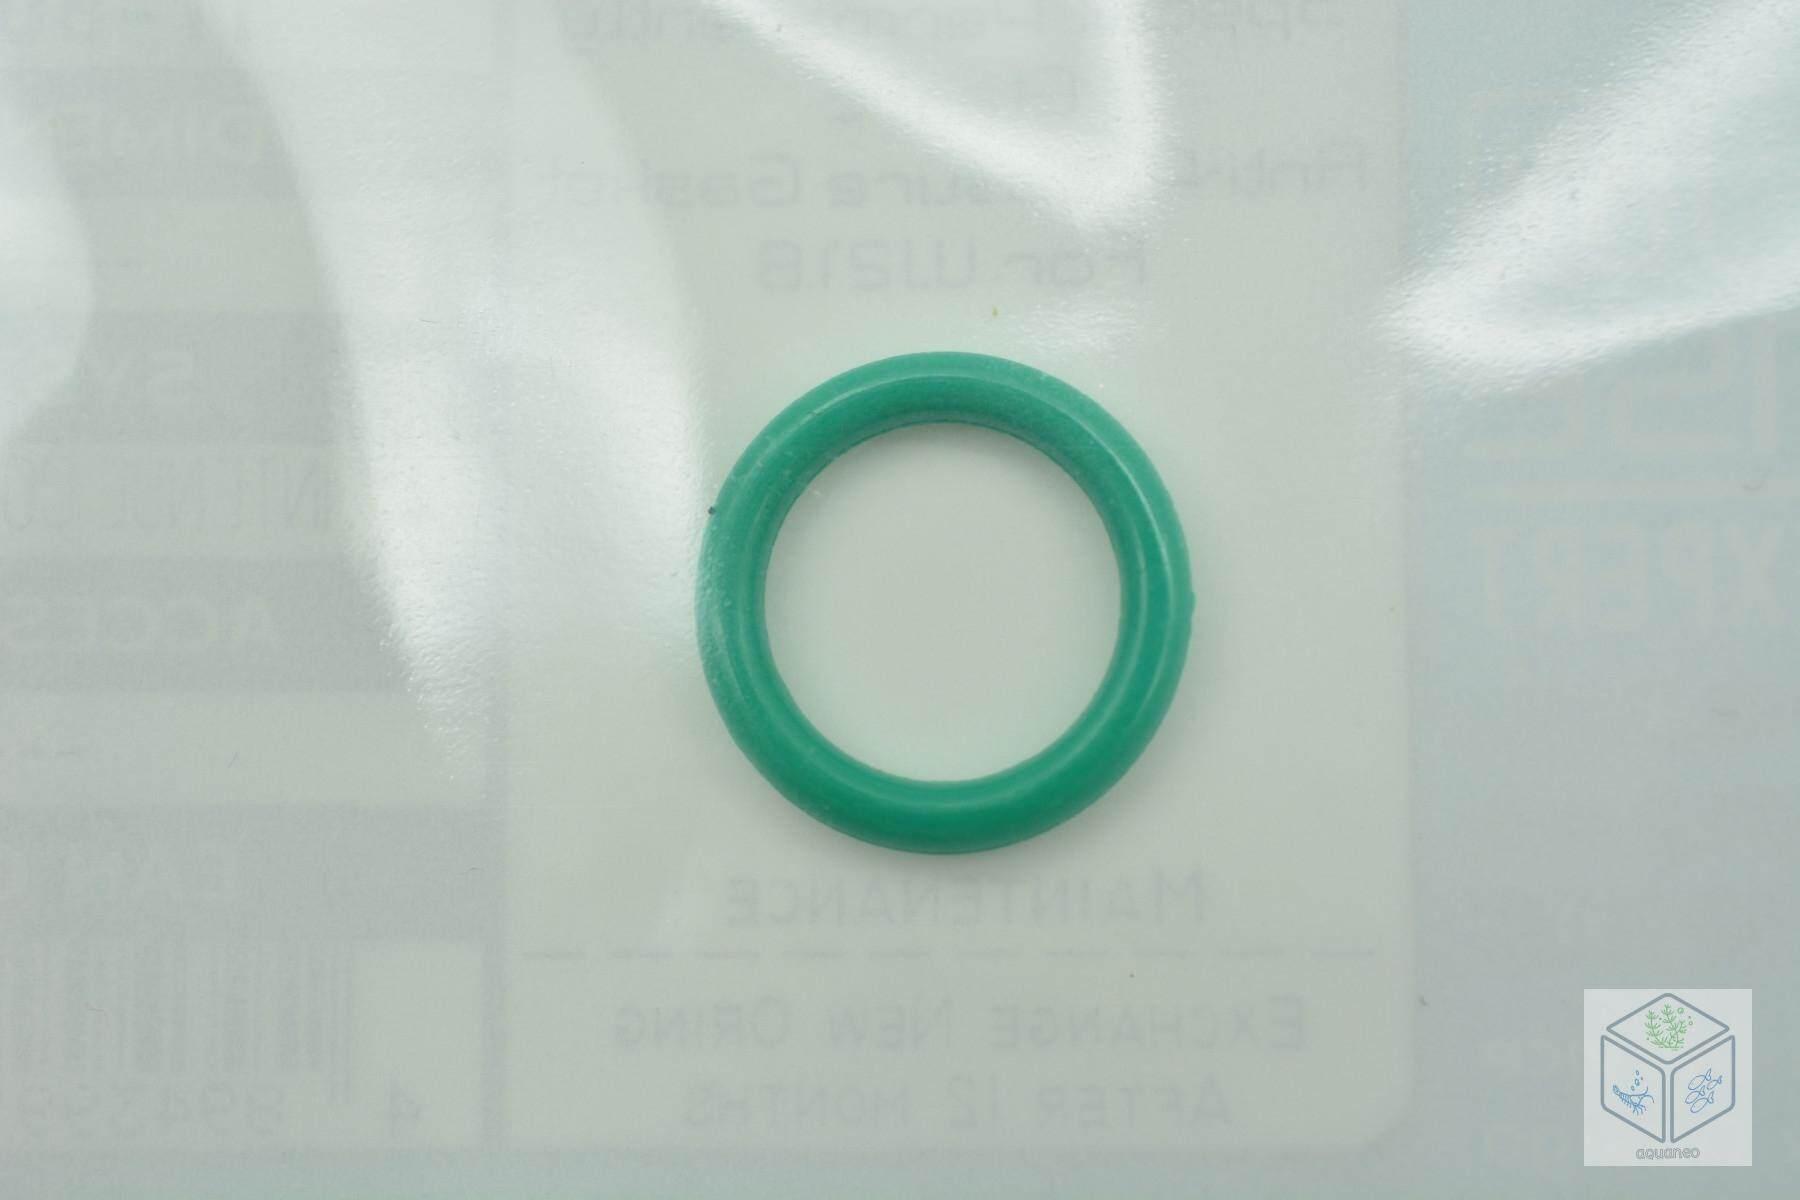 Intense Regulator O-ring IT-80881